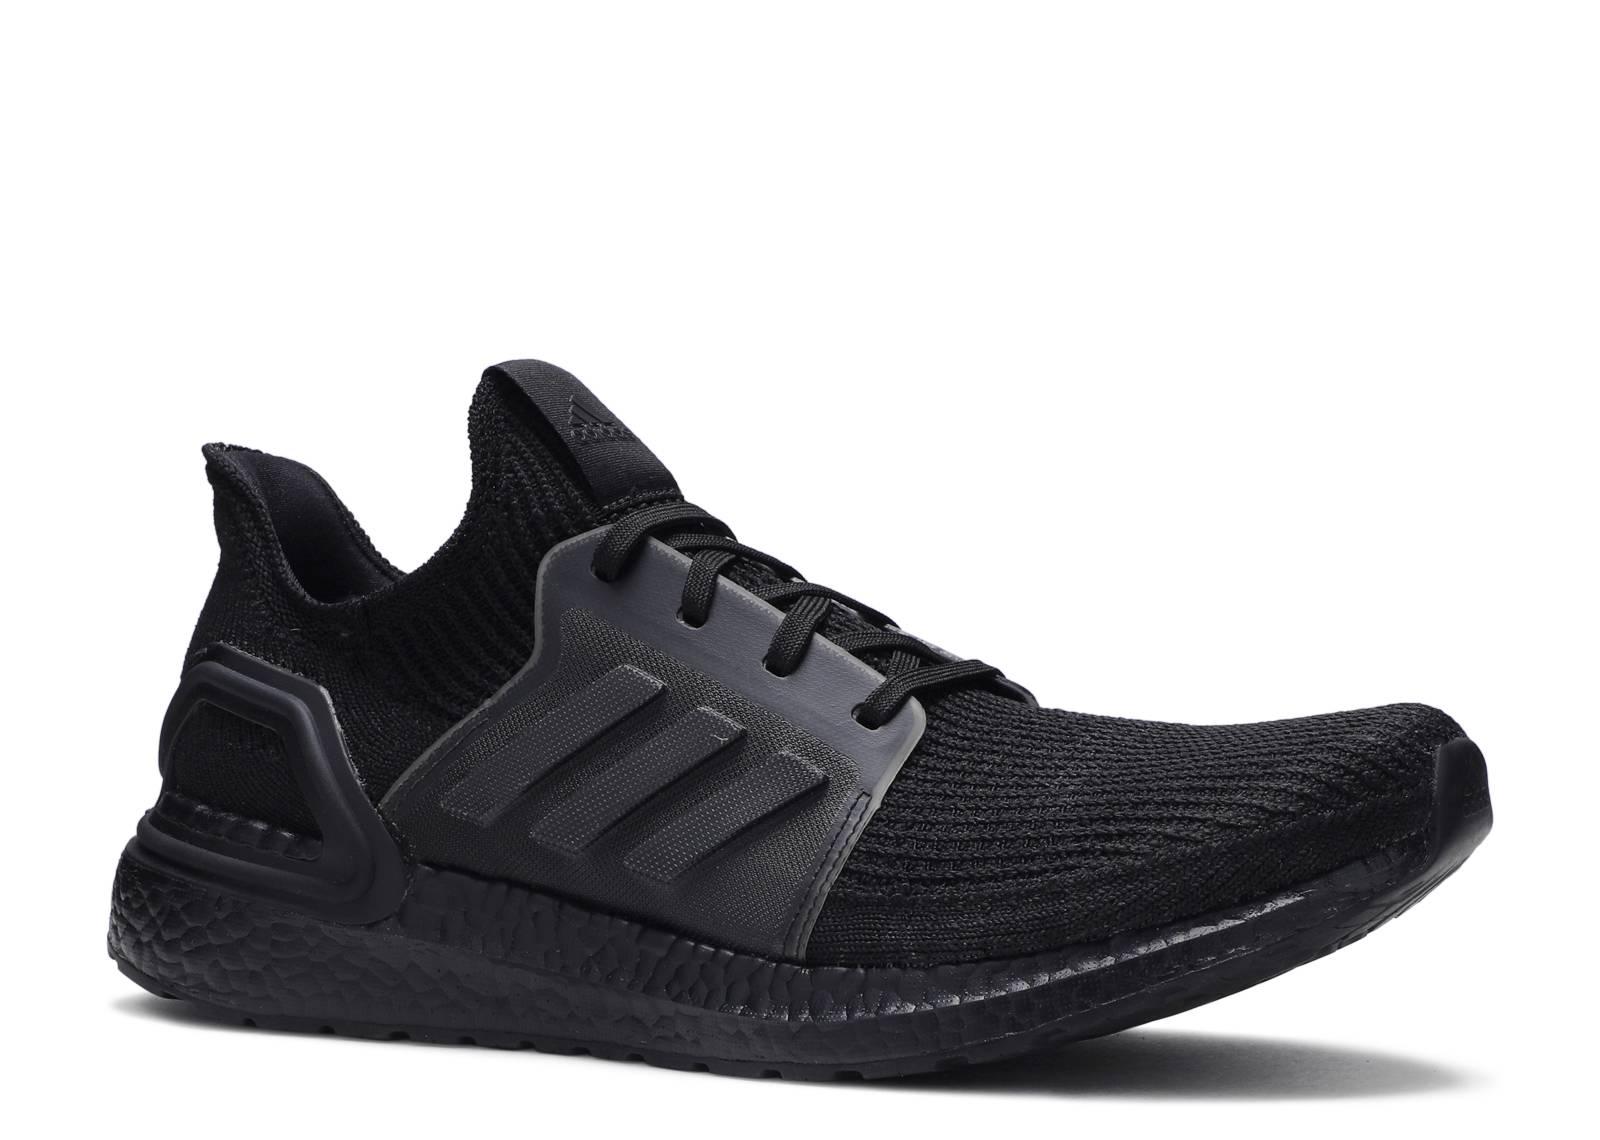 UltraBoost 19 'Triple Black'